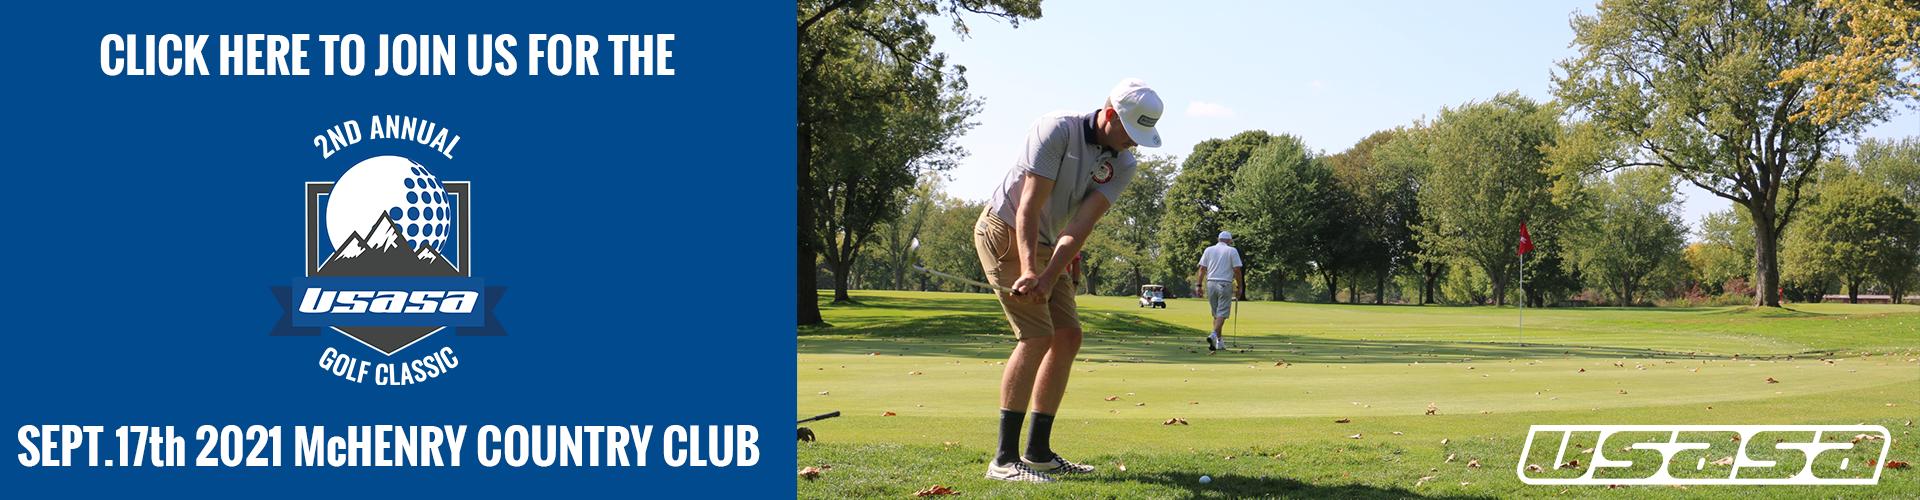 Golf_banner_USASA